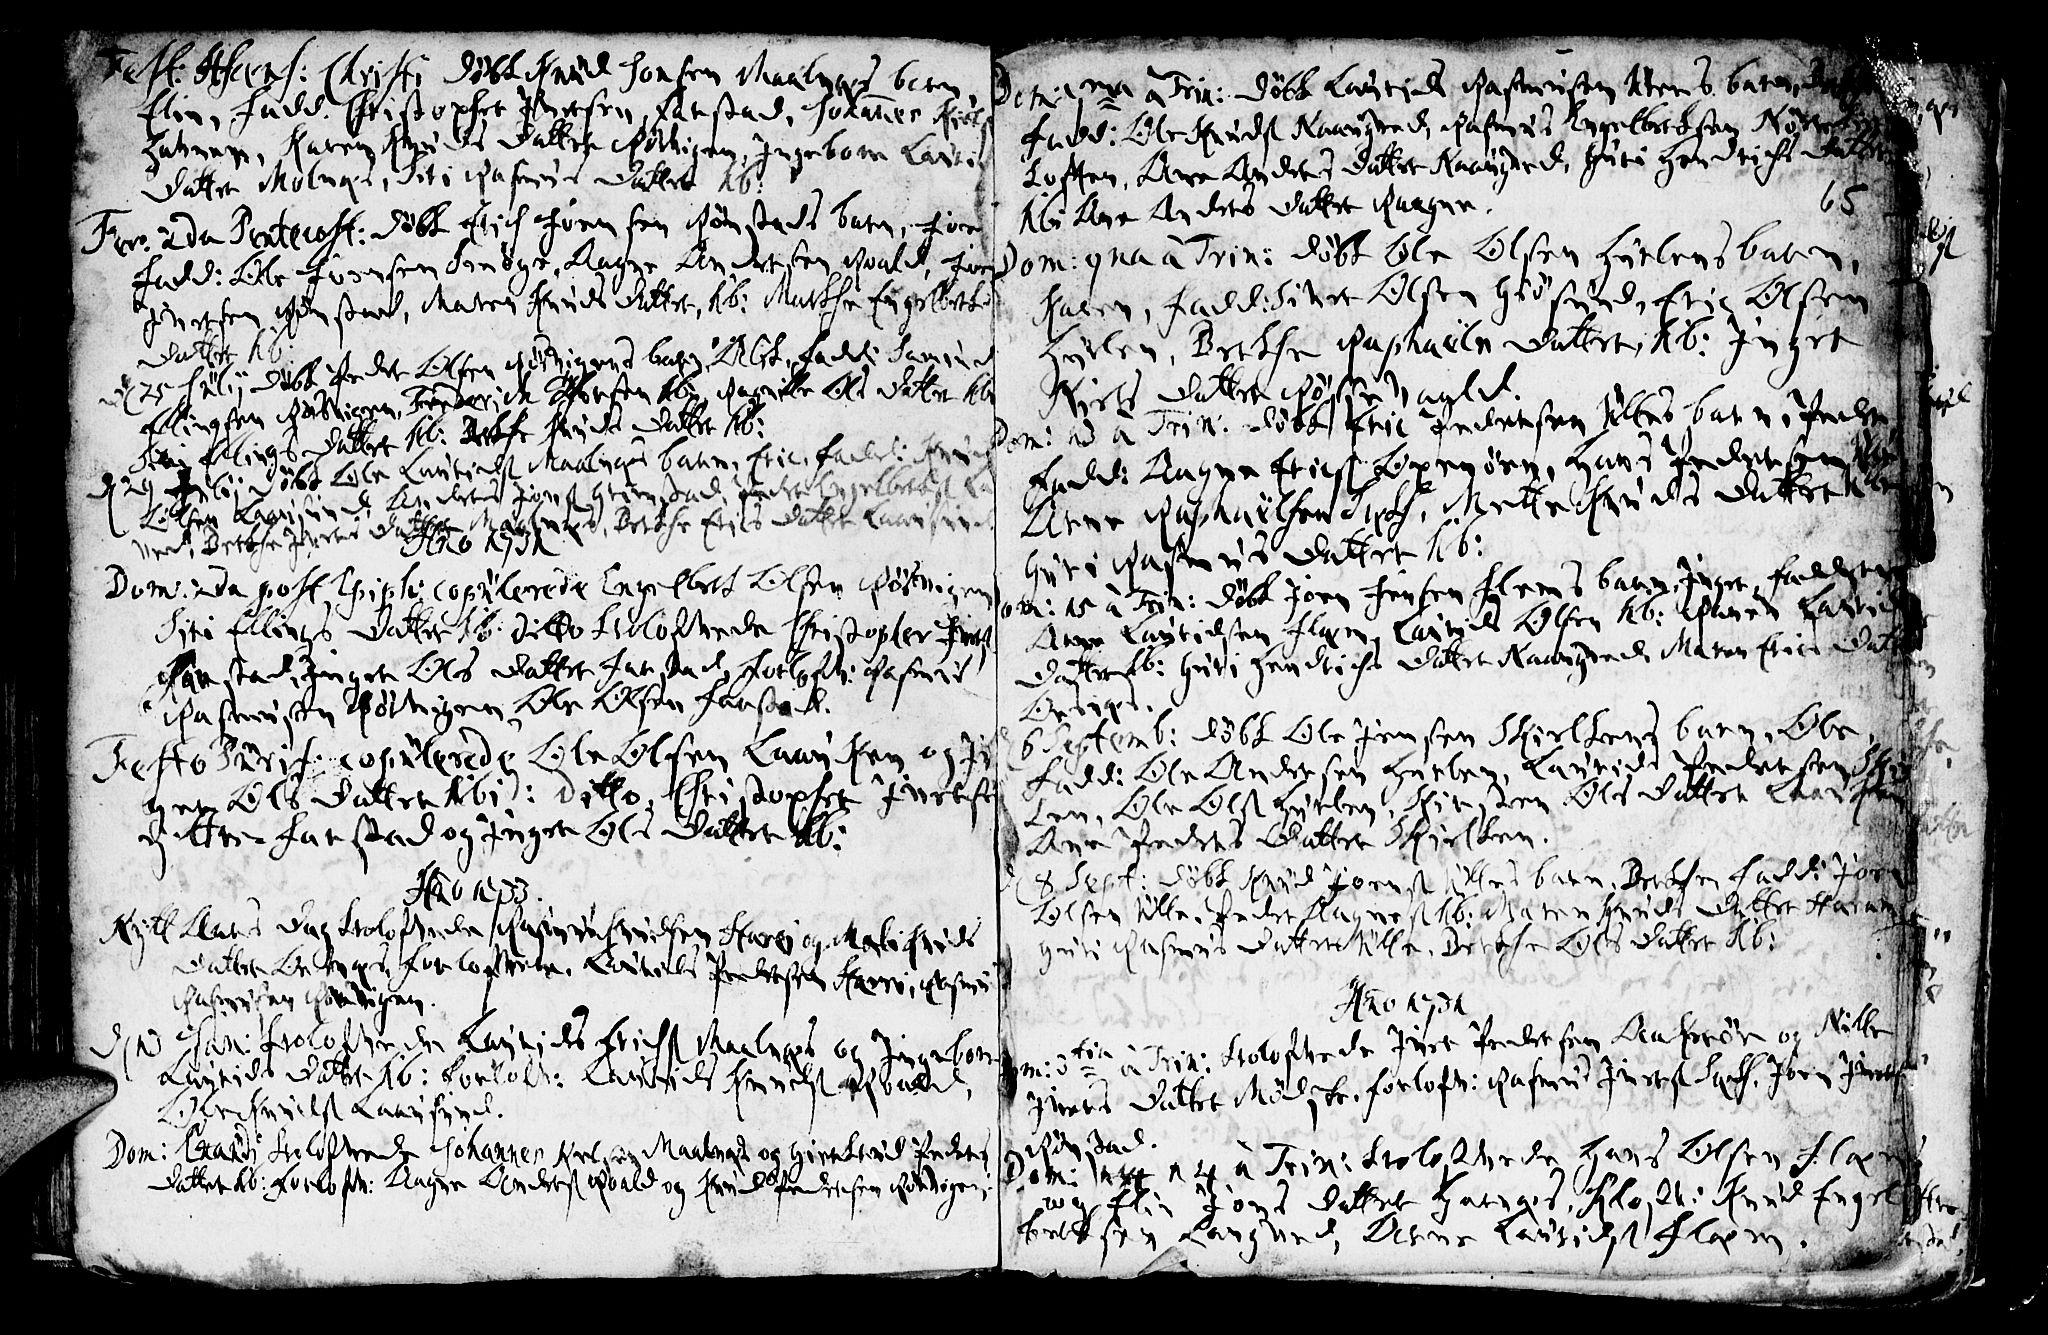 SAT, Ministerialprotokoller, klokkerbøker og fødselsregistre - Møre og Romsdal, 536/L0491: Ministerialbok nr. 536A01 /1, 1689-1737, s. 65